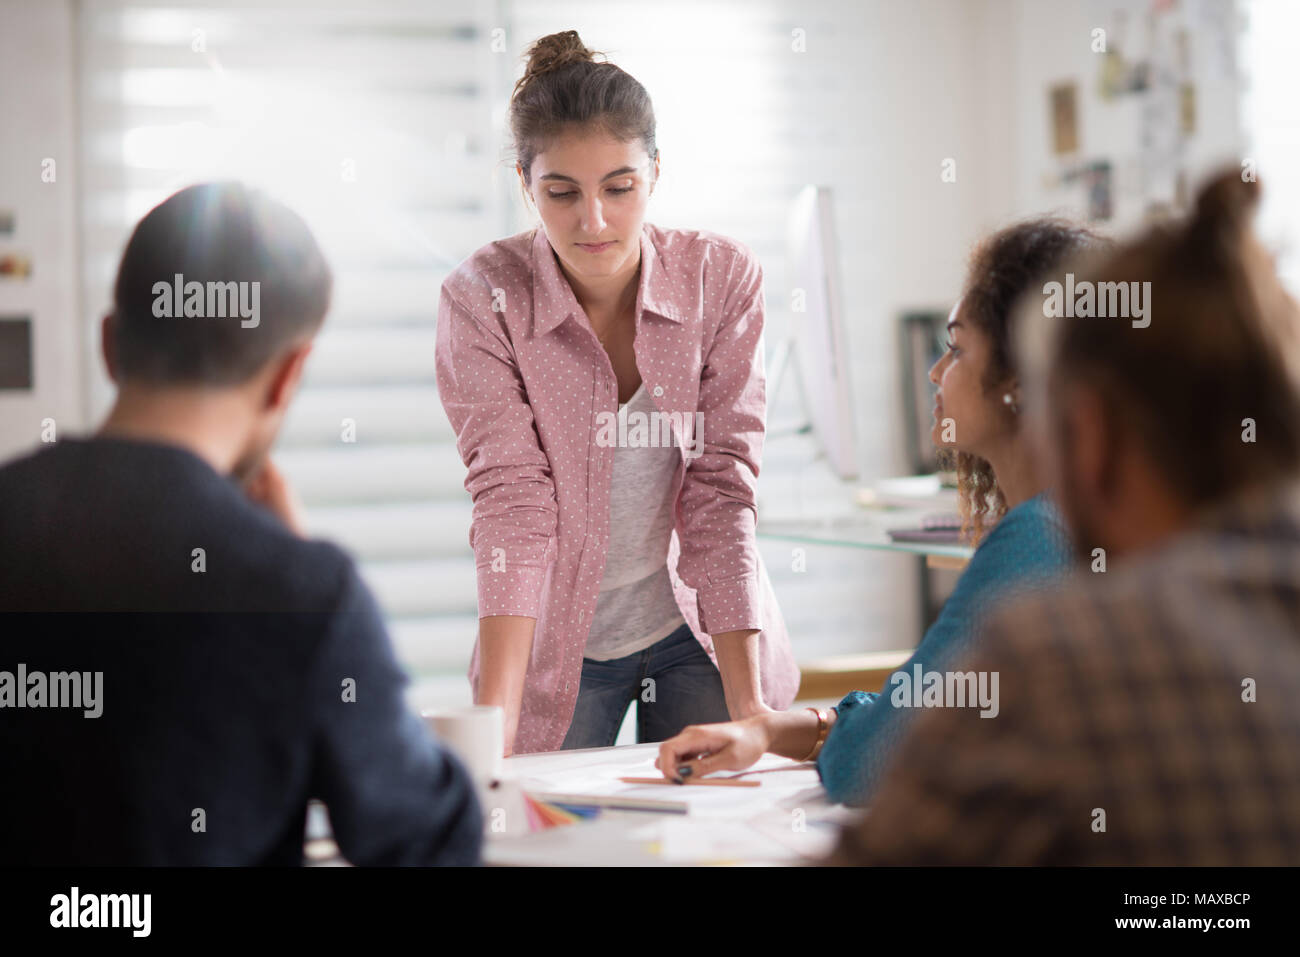 Sitzung Büro. Eine junge Frau stellt ihr Projekt Stockbild